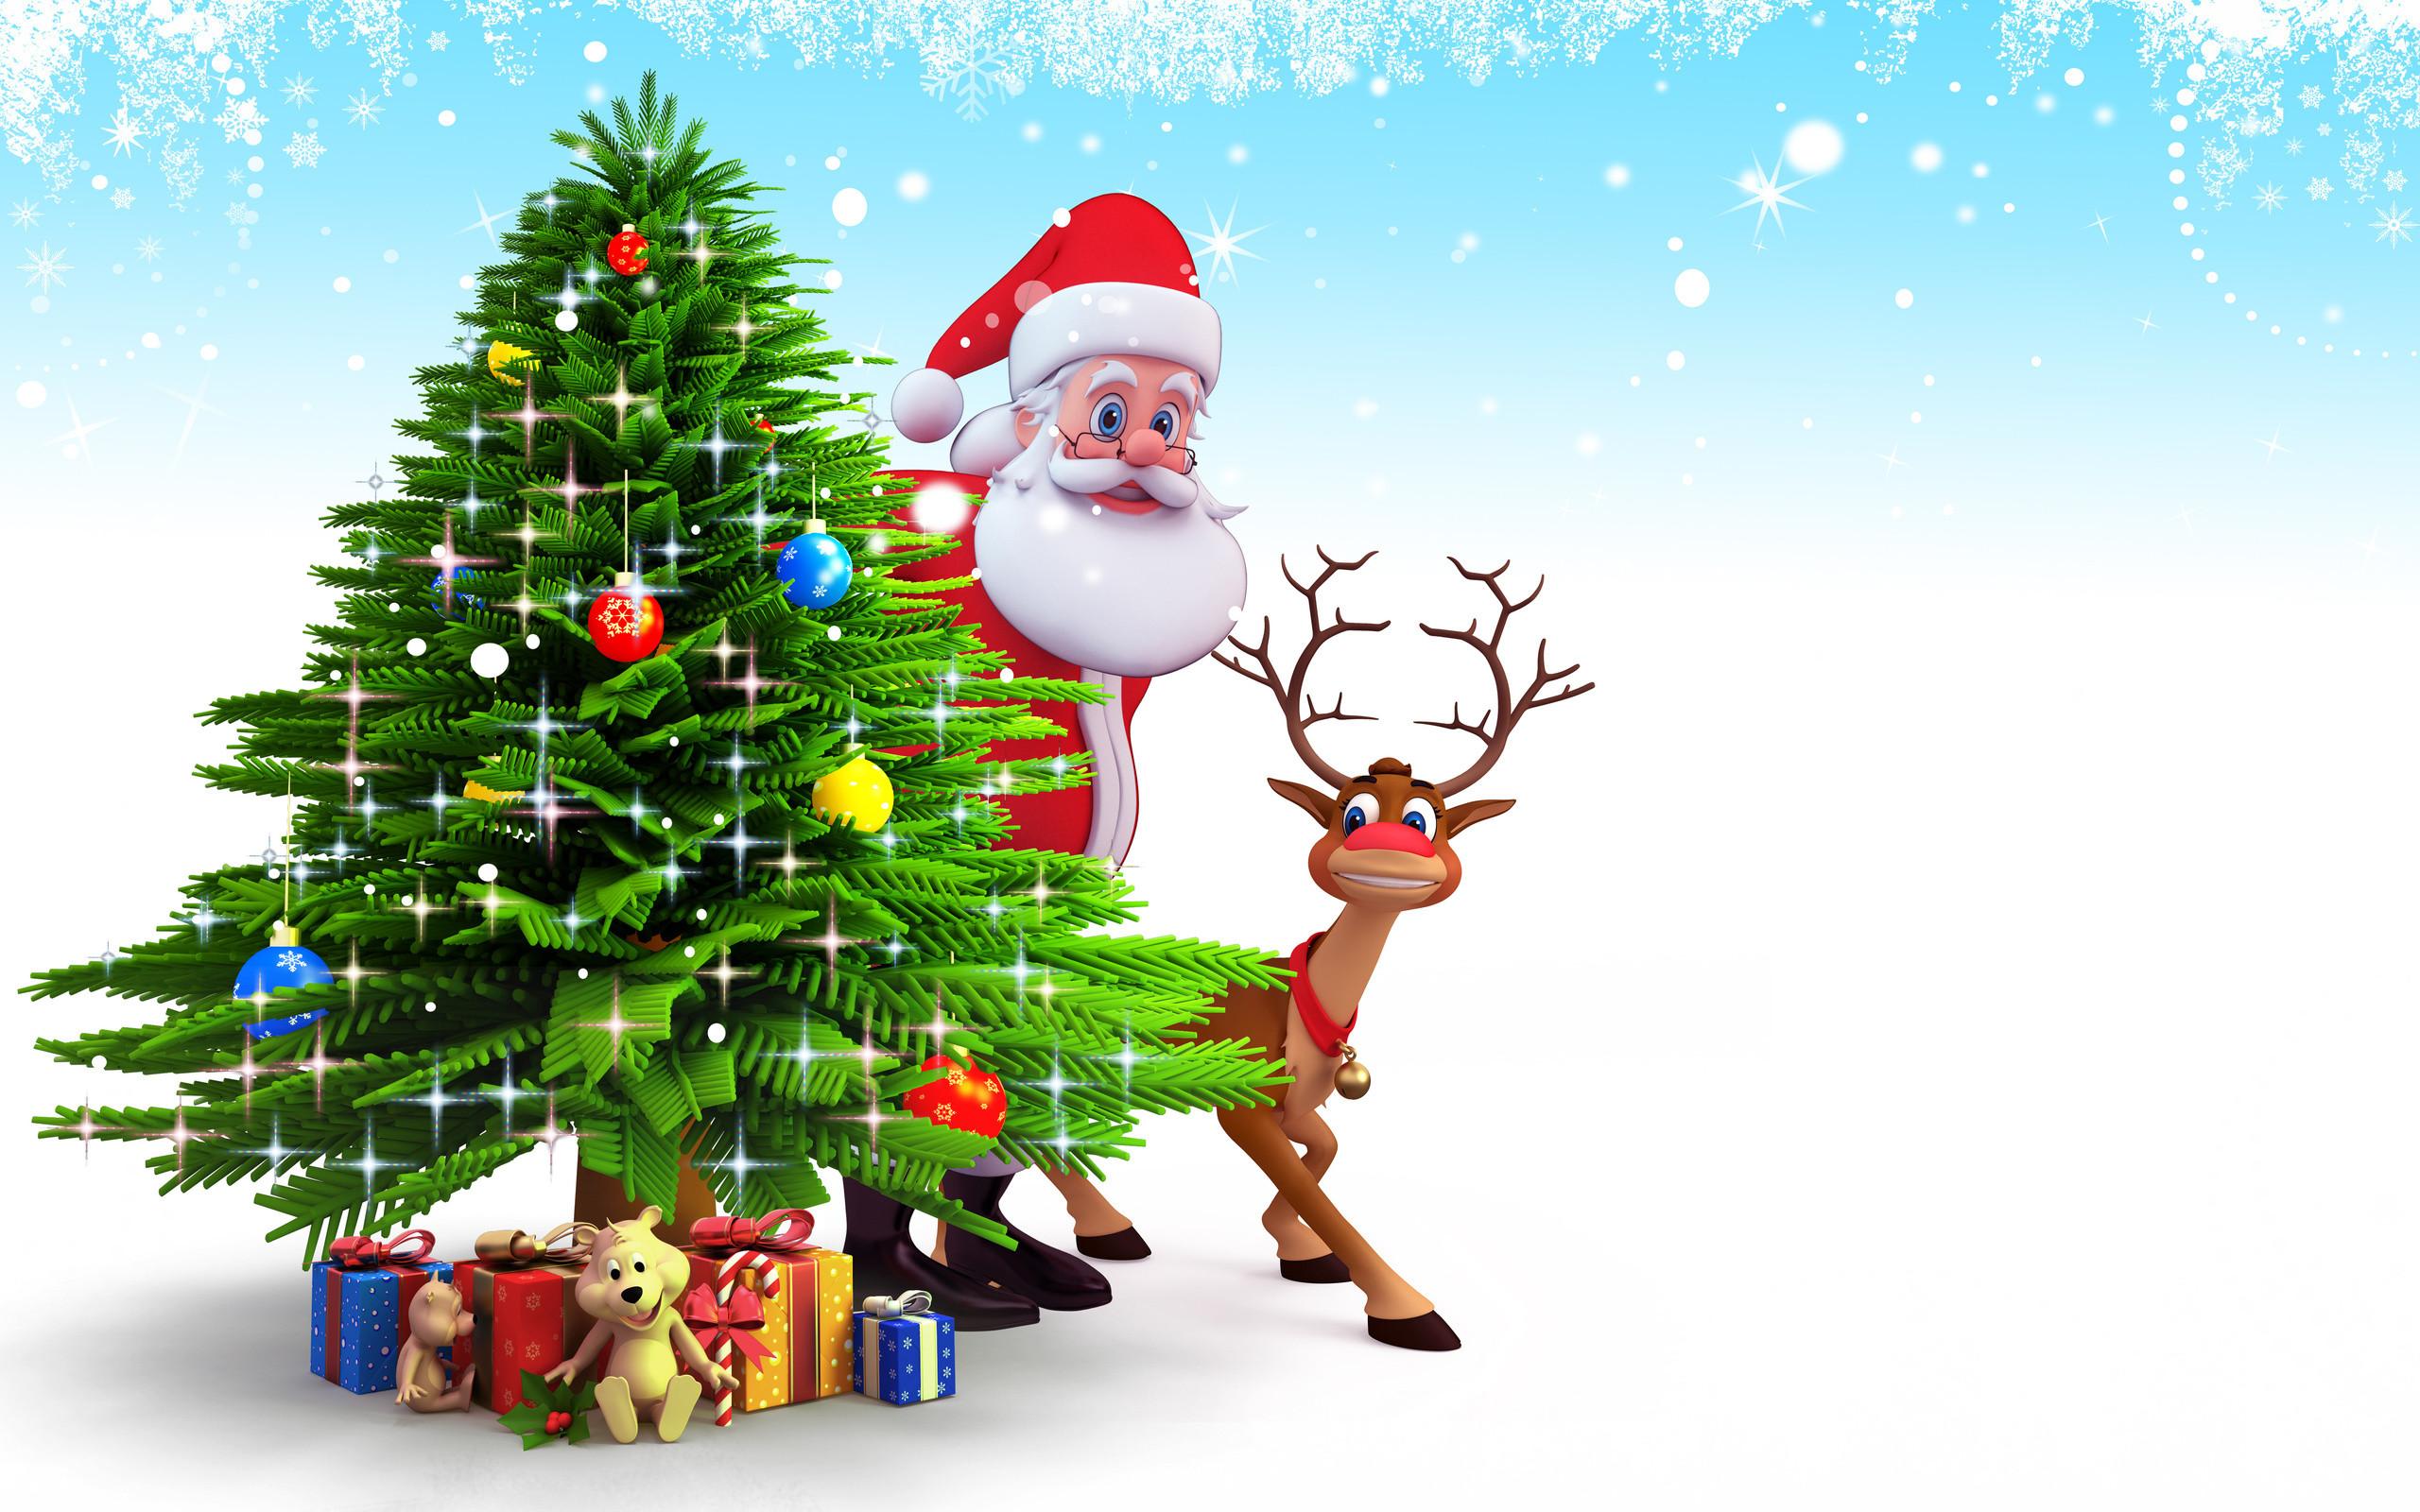 Santa Claus And Reindeer behind christmas tree and gifts Christmas Santa  claus wallpapers